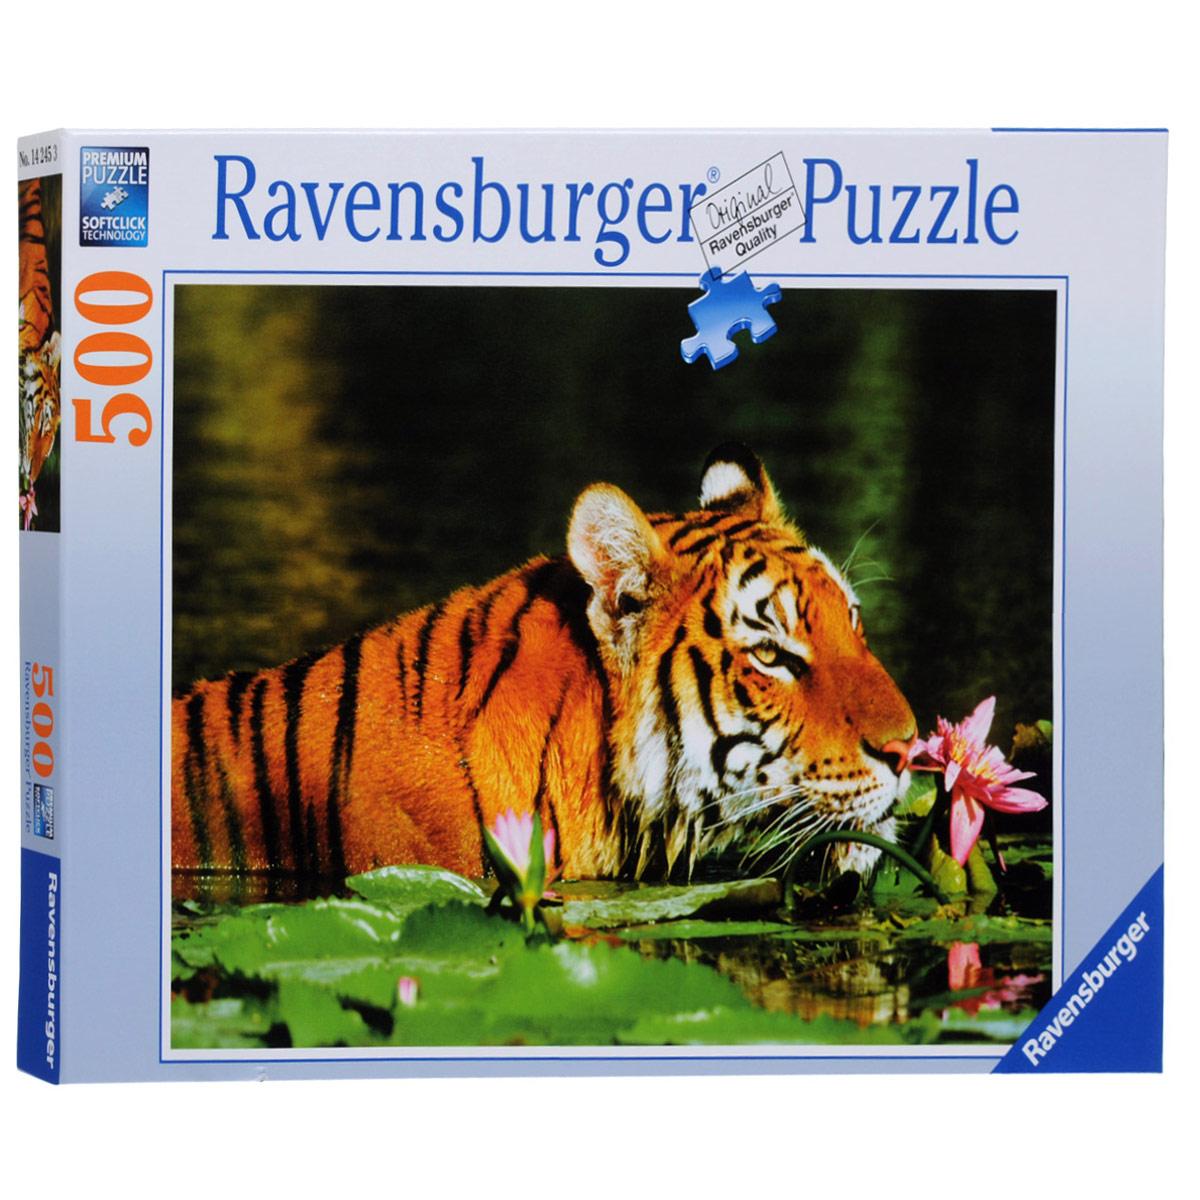 Ravensburger Тигр в лилиях. Пазл, 500 элементов14245Пазл Тигр в лилиях, без сомнения, придется вам по душе, и вы получите массу удовольствия от процесса собирания картины. Собрав этот пазл, включающий в себя 500 элементов, вы получите великолепную картину с изображением тигра, плывущего среди лилий. Каждая деталь имеет свою форму и подходит только на своё место. Нет двух одинаковых деталей! Пазл изготовлен из картона высочайшего качества. Все изображения аккуратно отсканированы и напечатаны на ламинированной бумаге. Пазл - великолепная игра для семейного досуга. Сегодня собирание пазлов стало особенно популярным, главным образом, благодаря своей многообразной тематике, способной удовлетворить самый взыскательный вкус. А для детей это не только интересно, но и полезно. Собирание пазла развивает мелкую моторику у ребенка, тренирует наблюдательность, логическое мышление, знакомит с окружающим миром, с цветом и разнообразными формами.